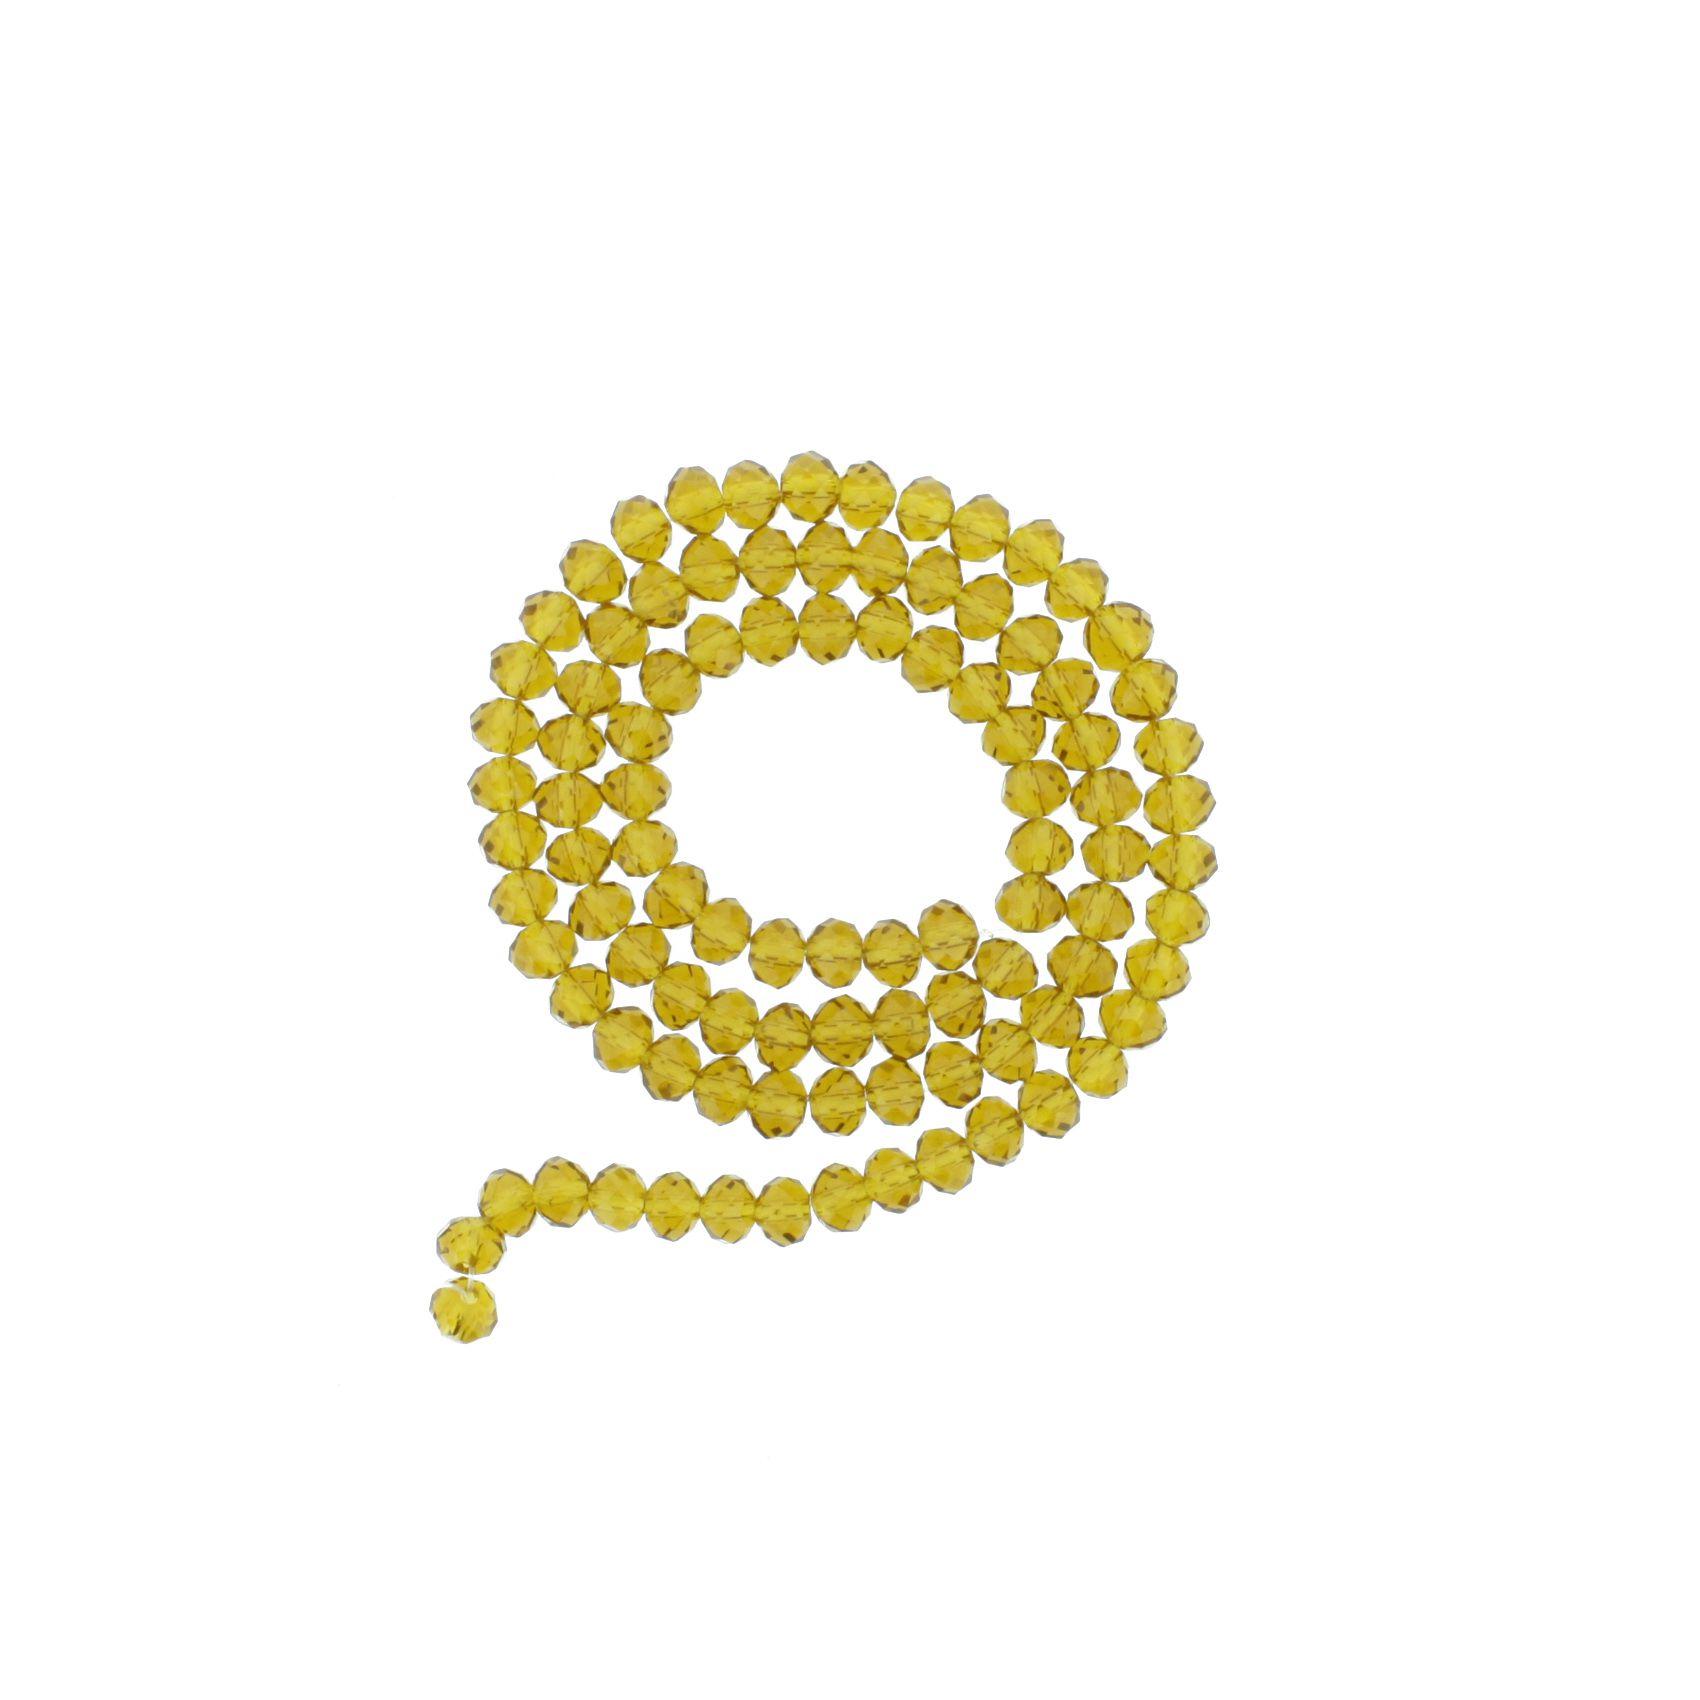 Fio de Cristal - Flat® - Âmbar Claro Transparente - 6mm  - Stéphanie Bijoux® - Peças para Bijuterias e Artesanato